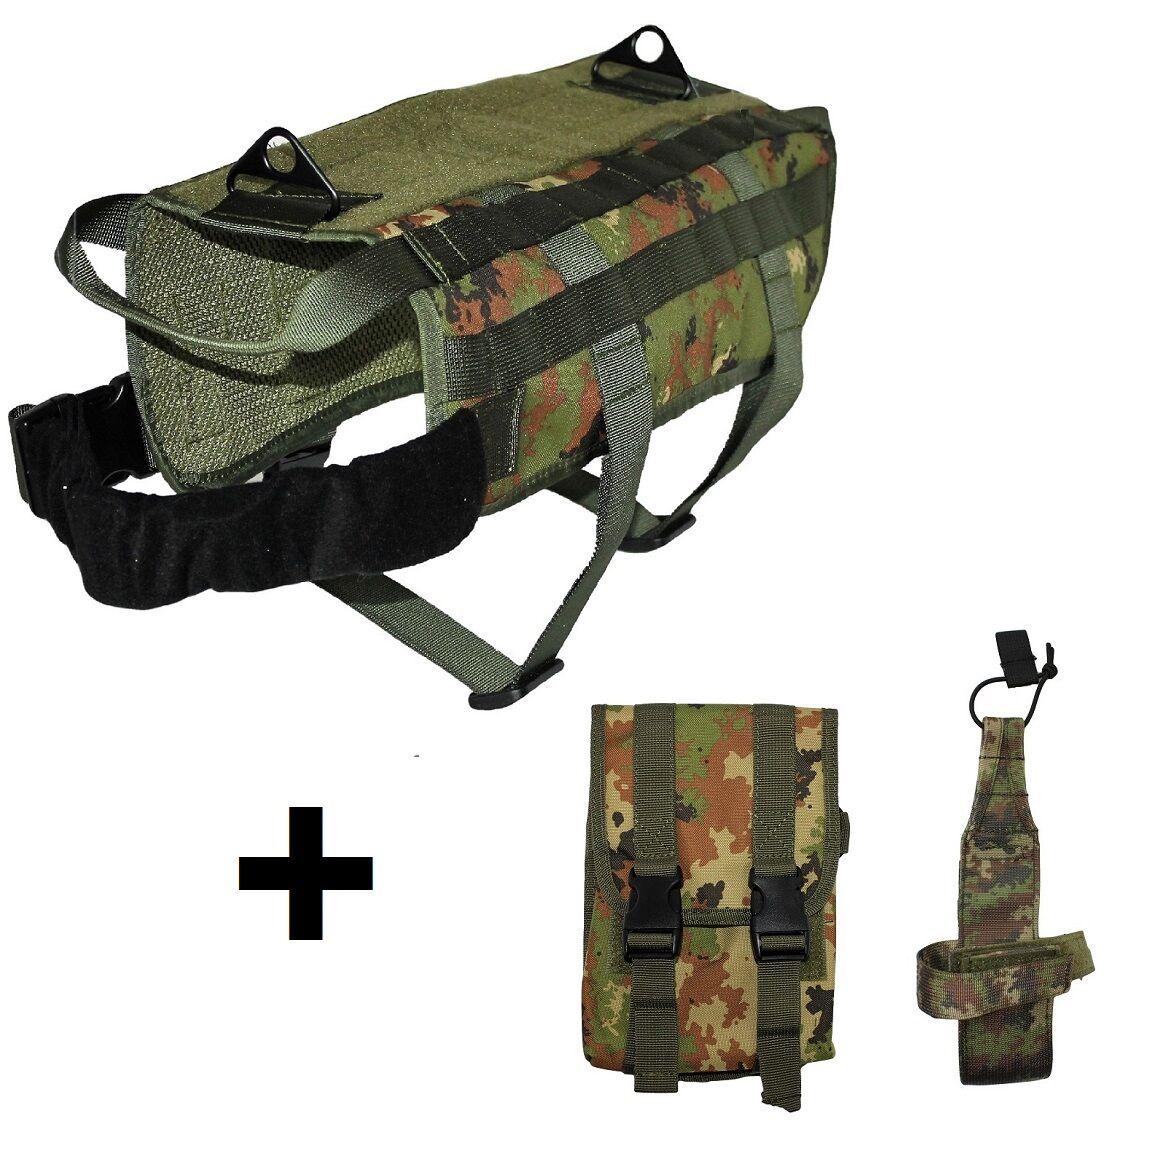 DOG TACTICAL VEST VEST VEST + WATER HOLDER + MOLLE BAG verde HUNTING K9 MILITARY ARMY 56da46